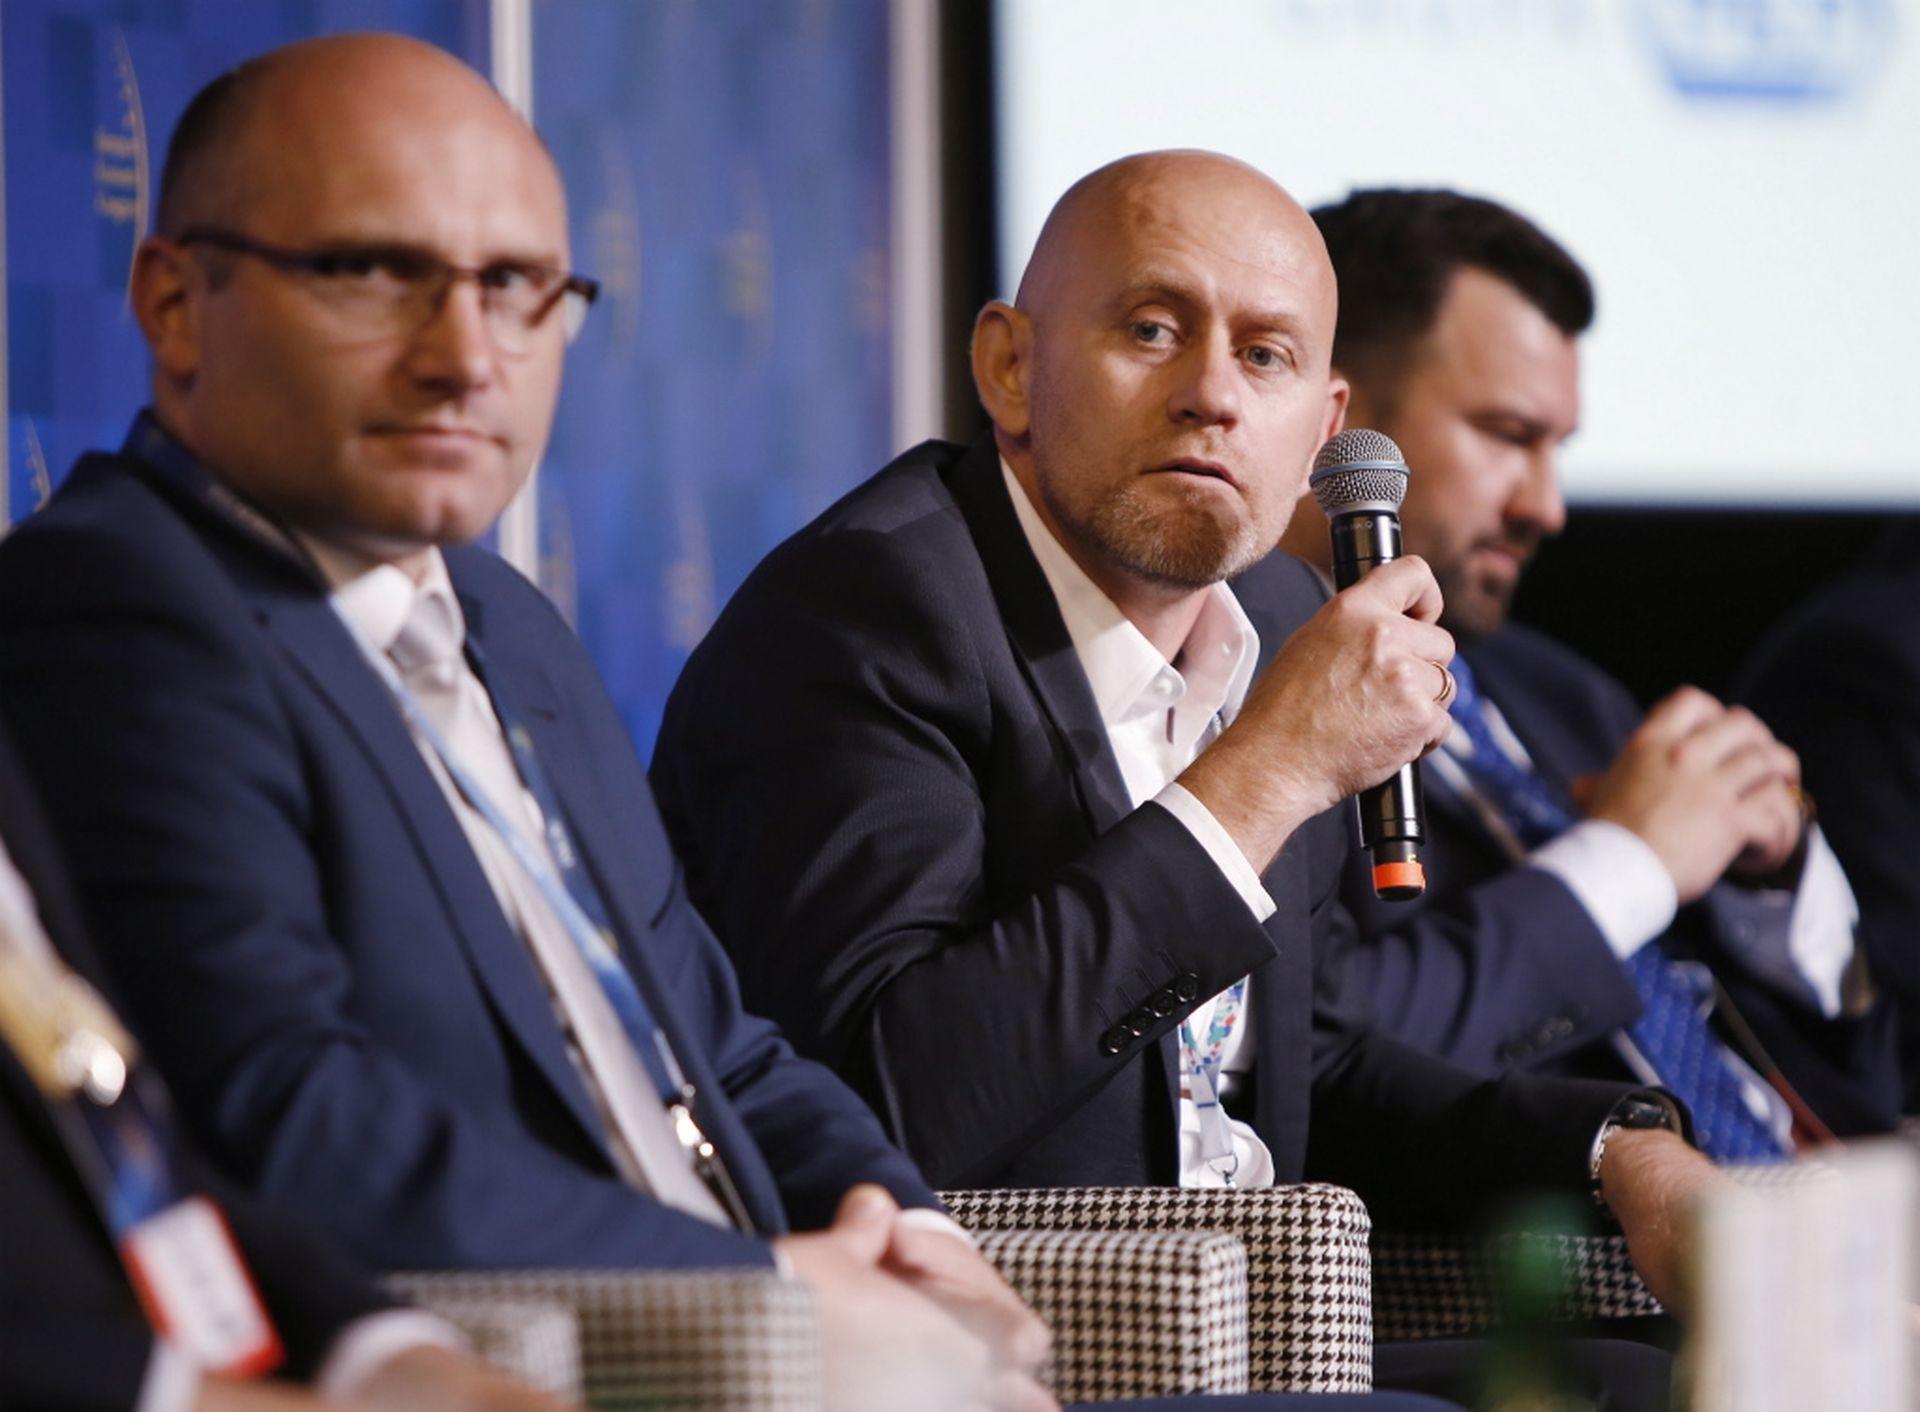 Od lewej: Grzegorz Kwitek, członek zarządu Górnośląsko-Zagłębiowskiej Metropolii i Maciej Panek, prezes PANEK CarSharing. (fot. PTWP)